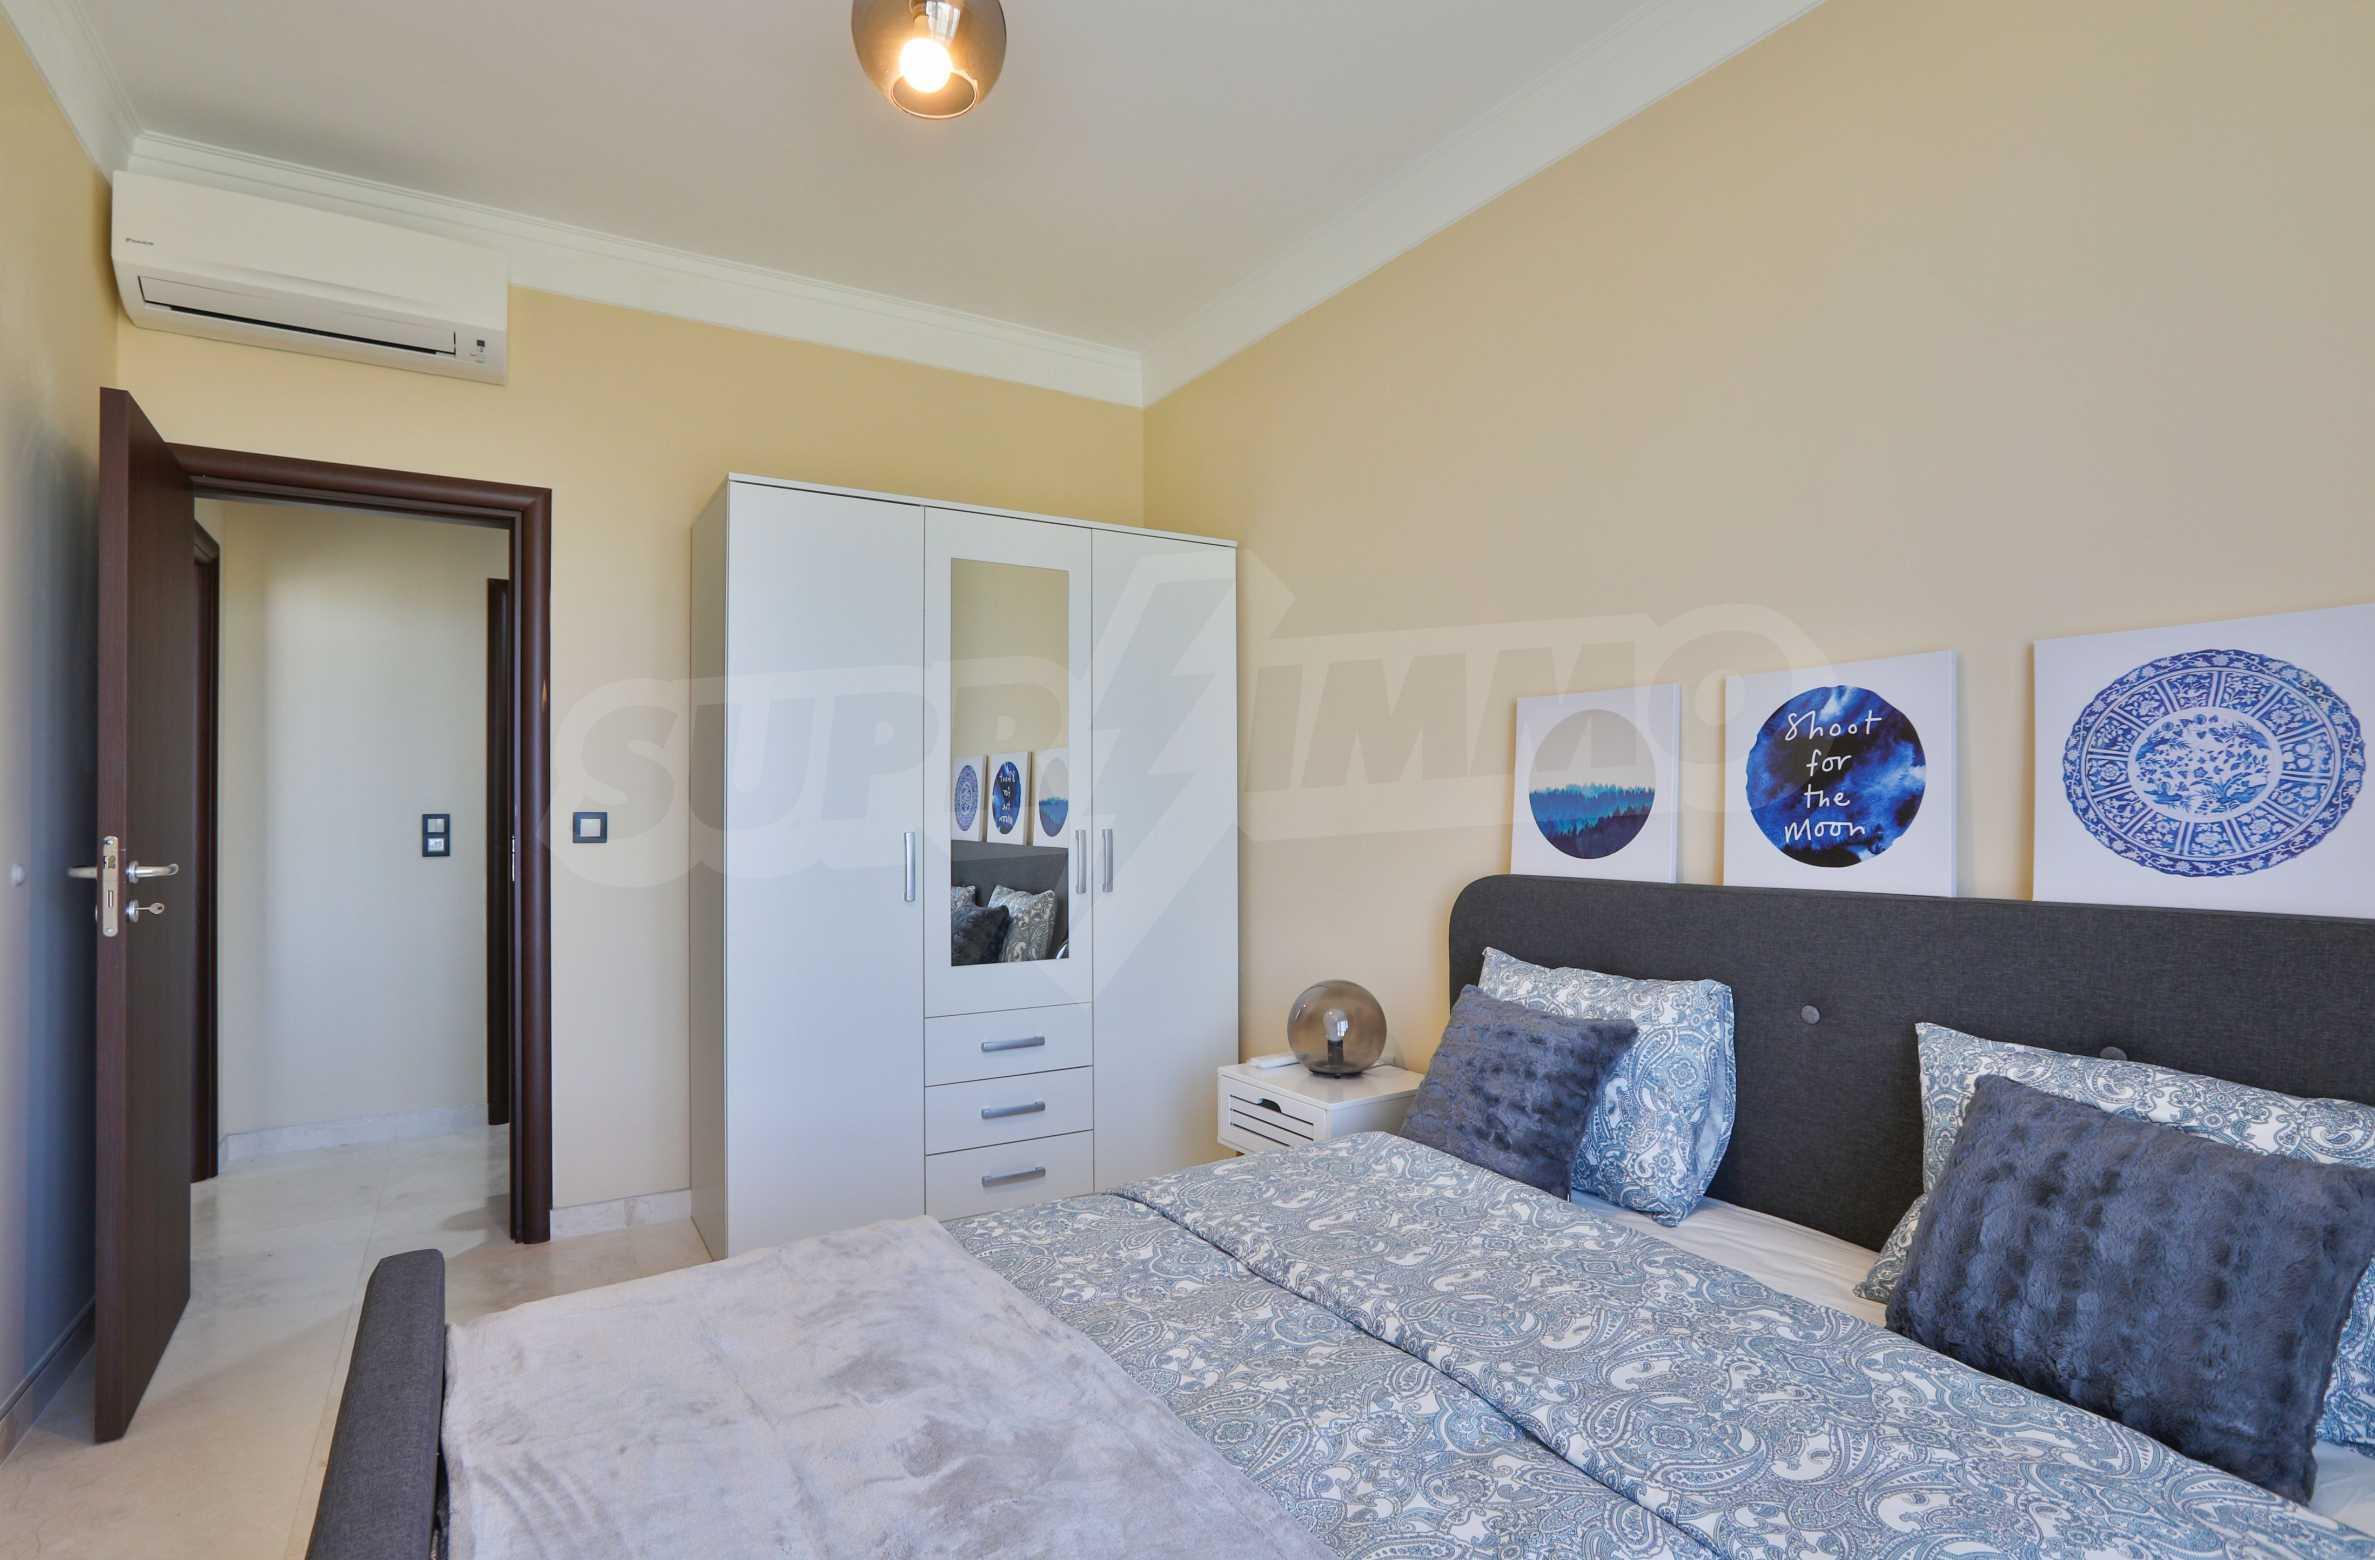 Двустаен апартамент в бутиковата резиденция до Централен плаж - Belle Époque (ап. №A 305) 7